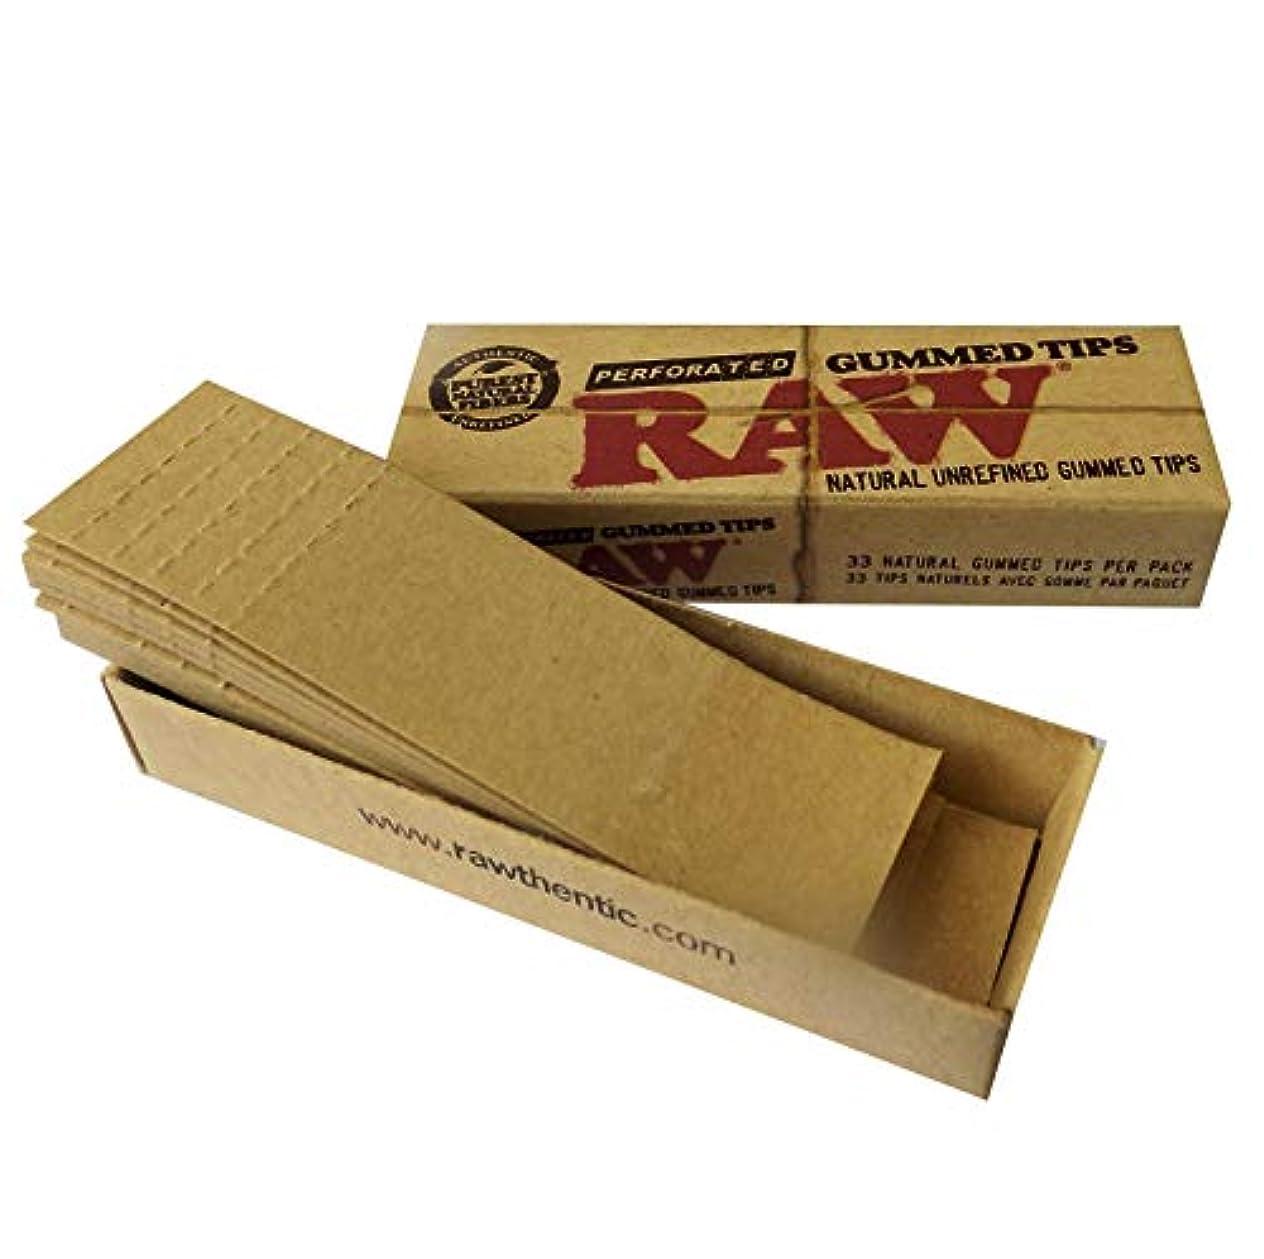 下る一般化する精神的にraw gummed tips ロー ガムドチップスフィルター33枚入り10個セット